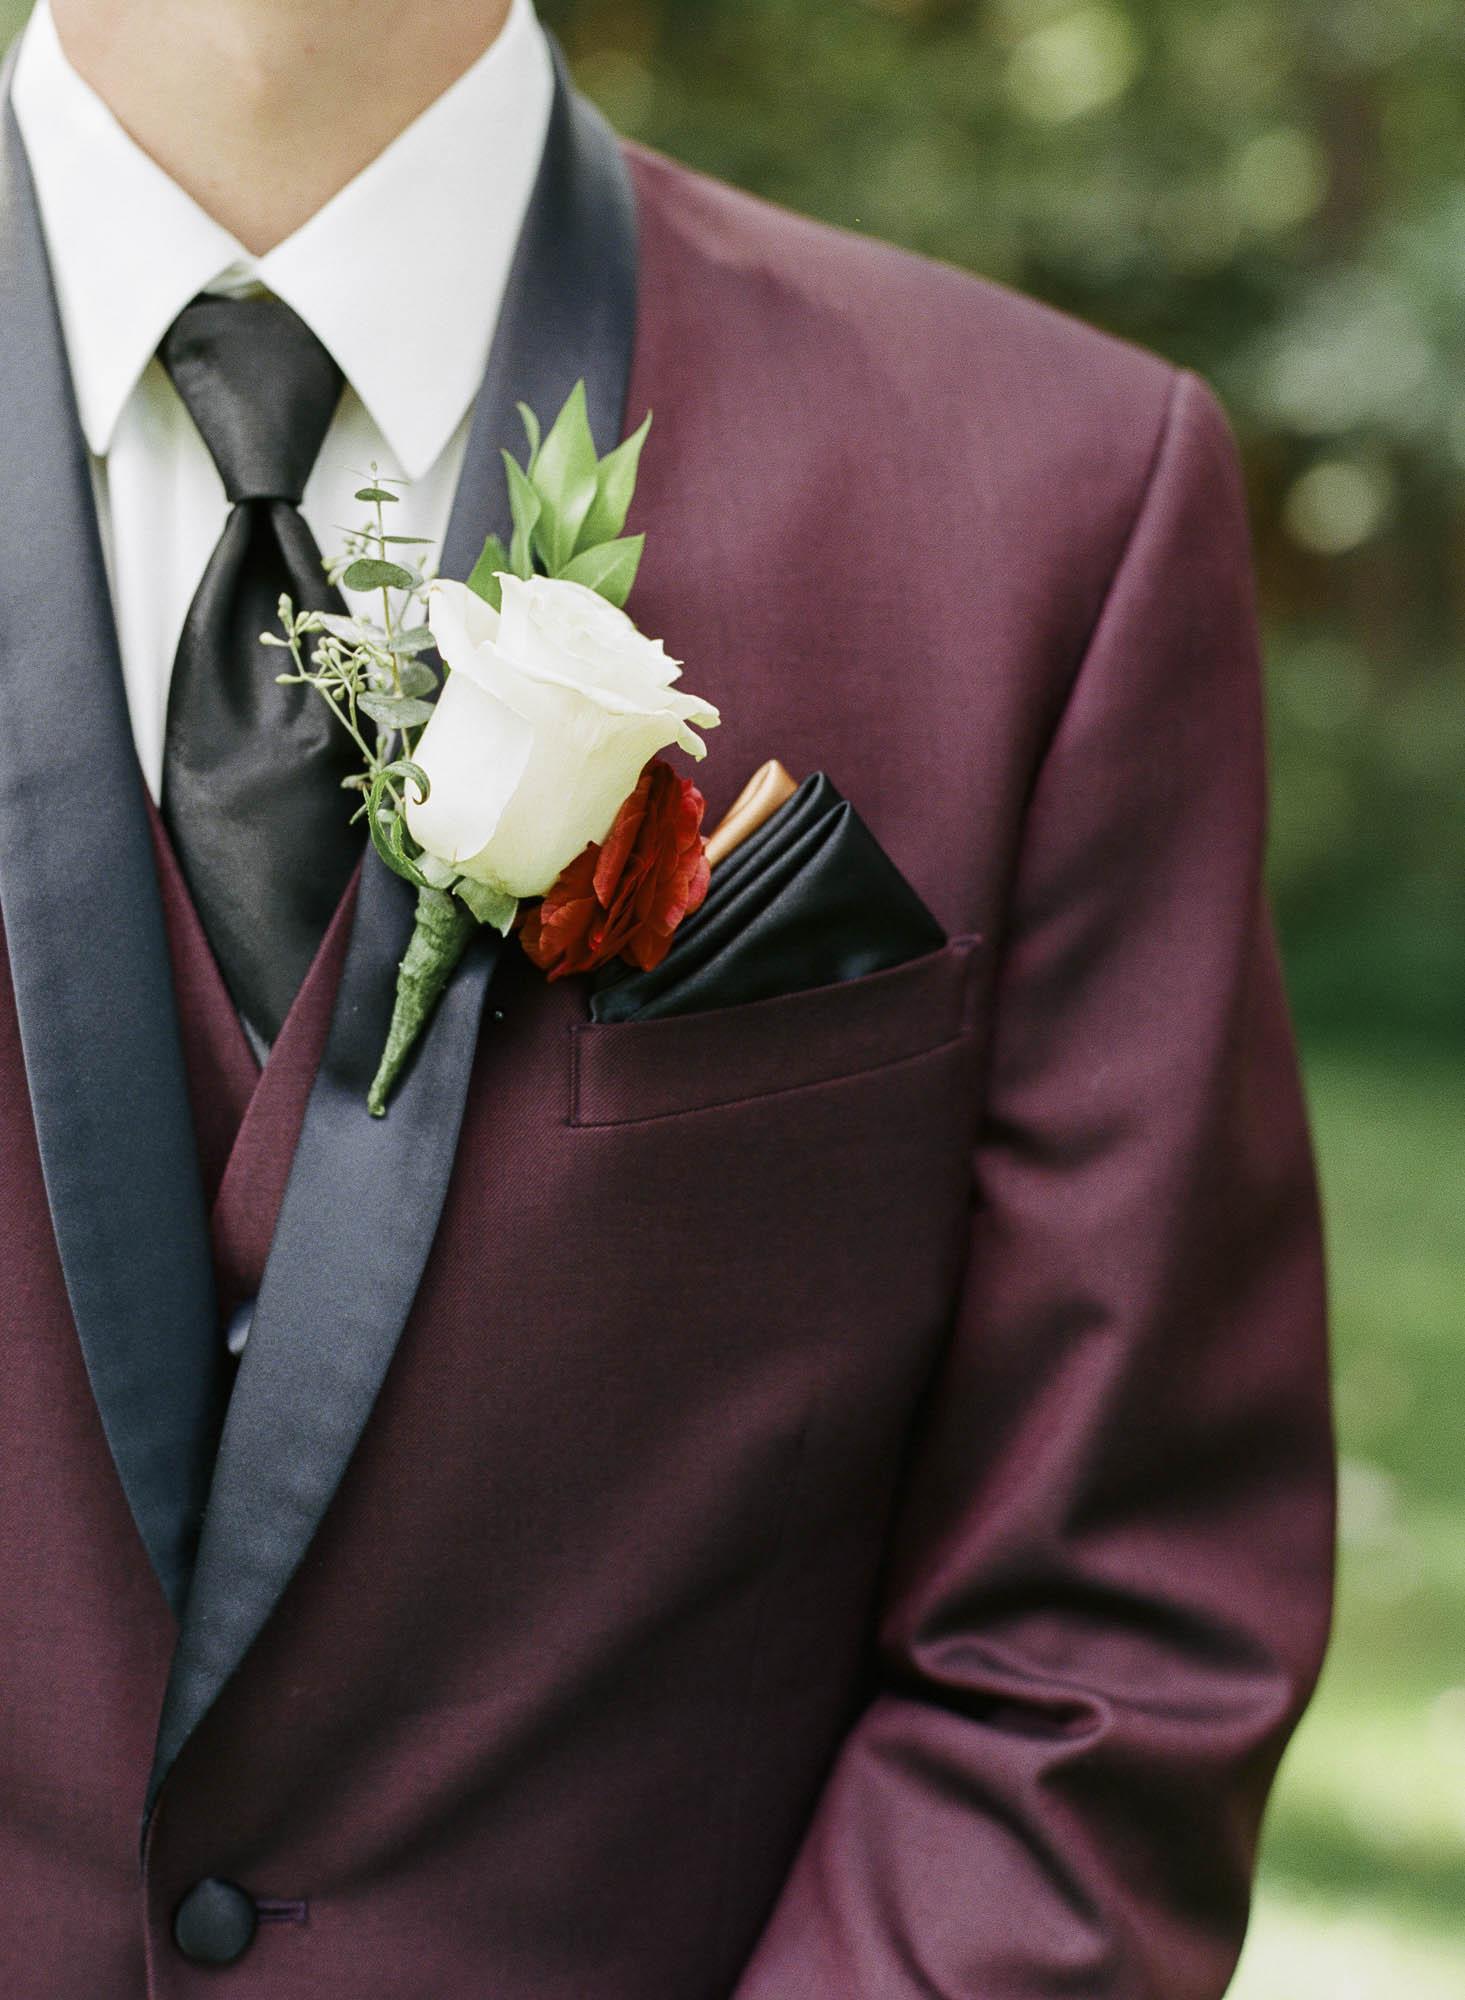 Snyder_8-26-17_bridegroom-000020420013.jpg